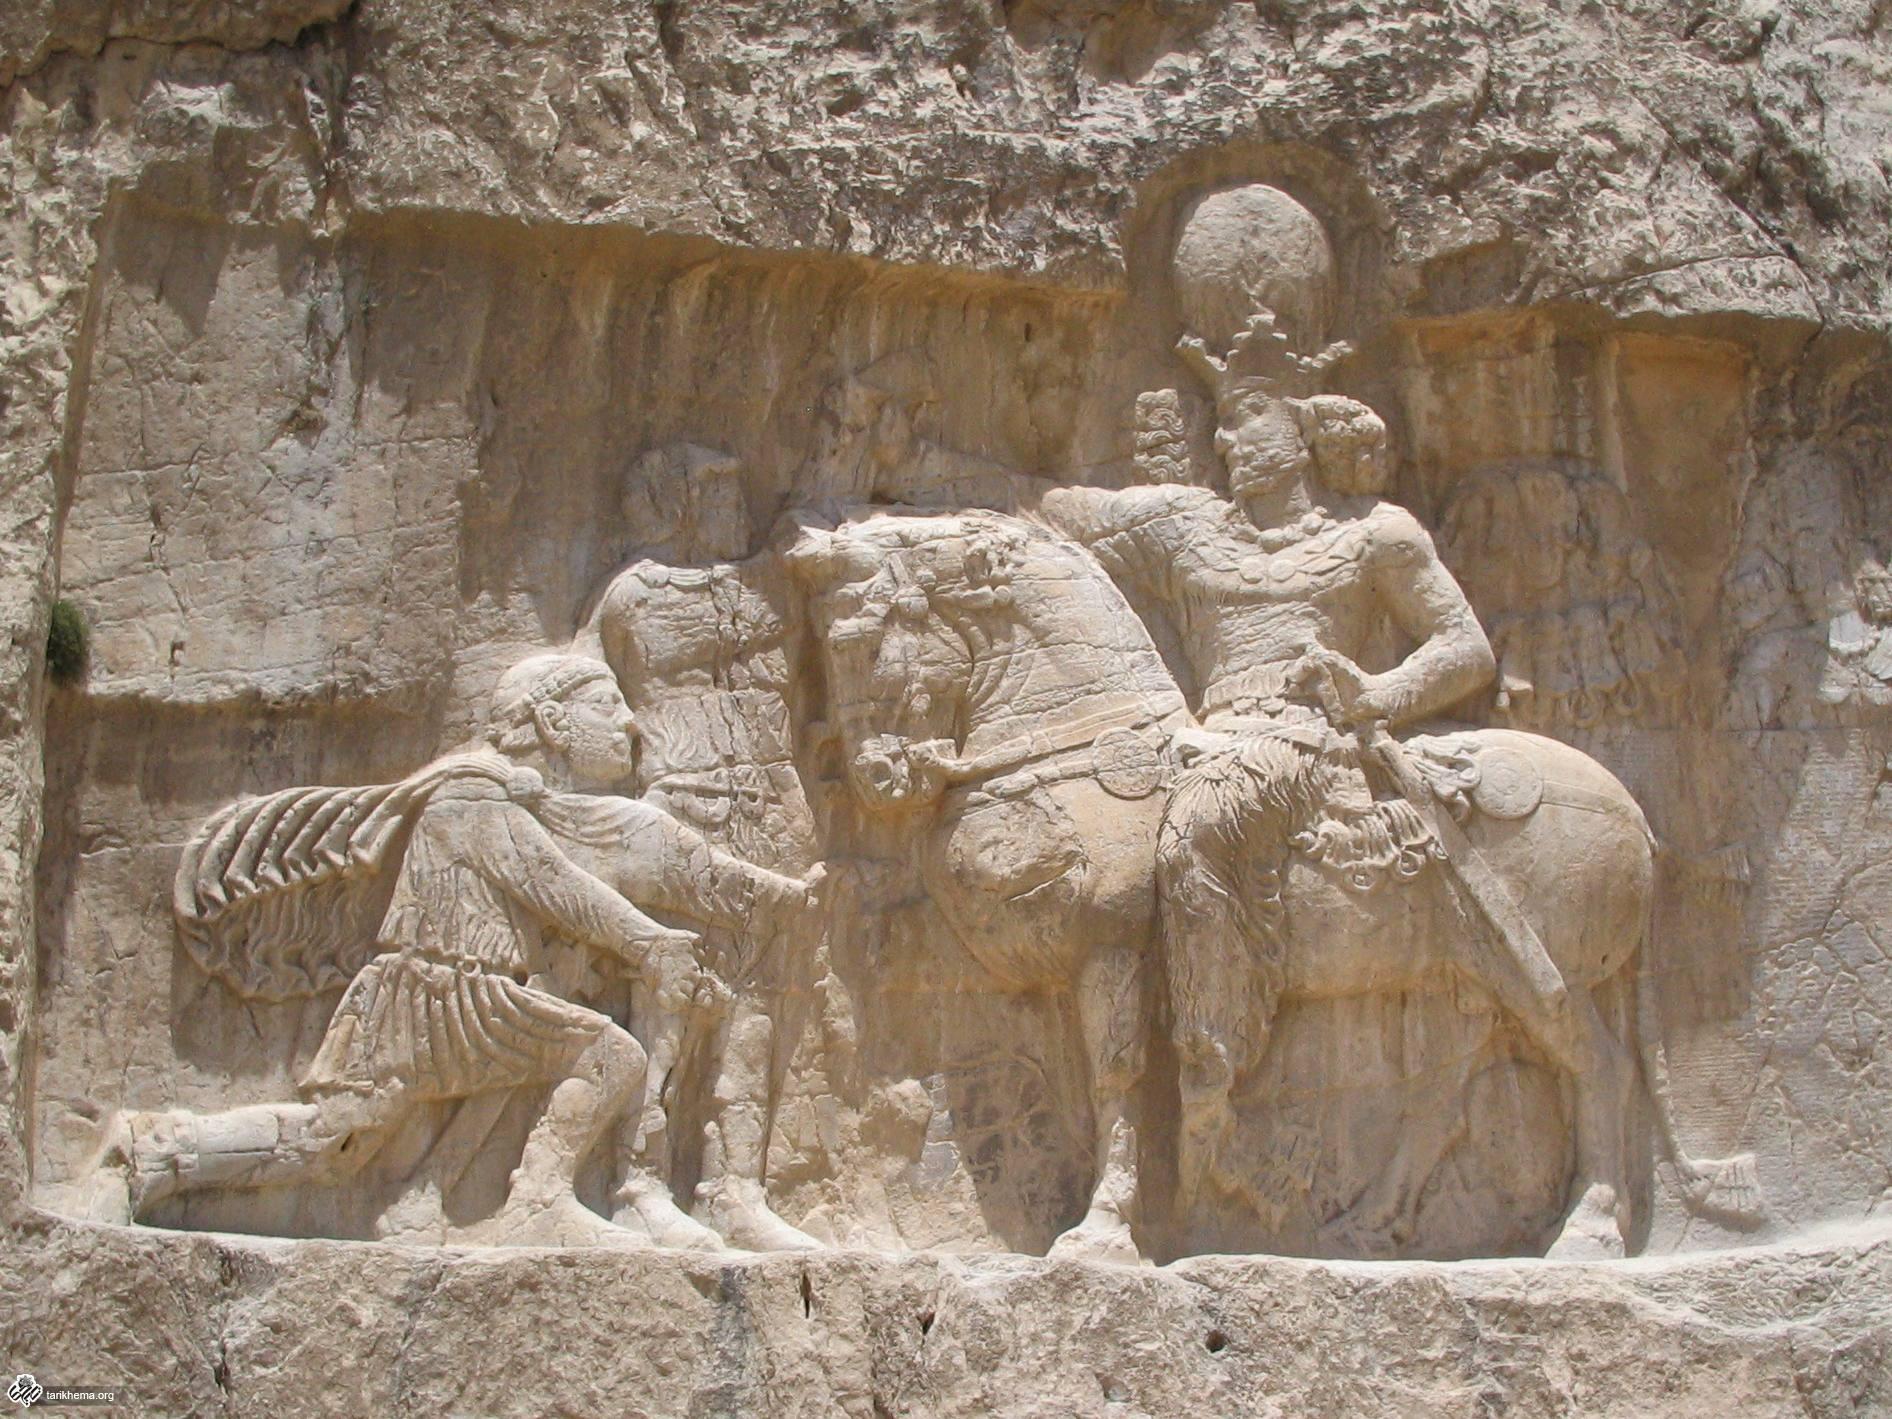 Bas_relief_nagsh-e-rostam_al.jpg (1892×1419)